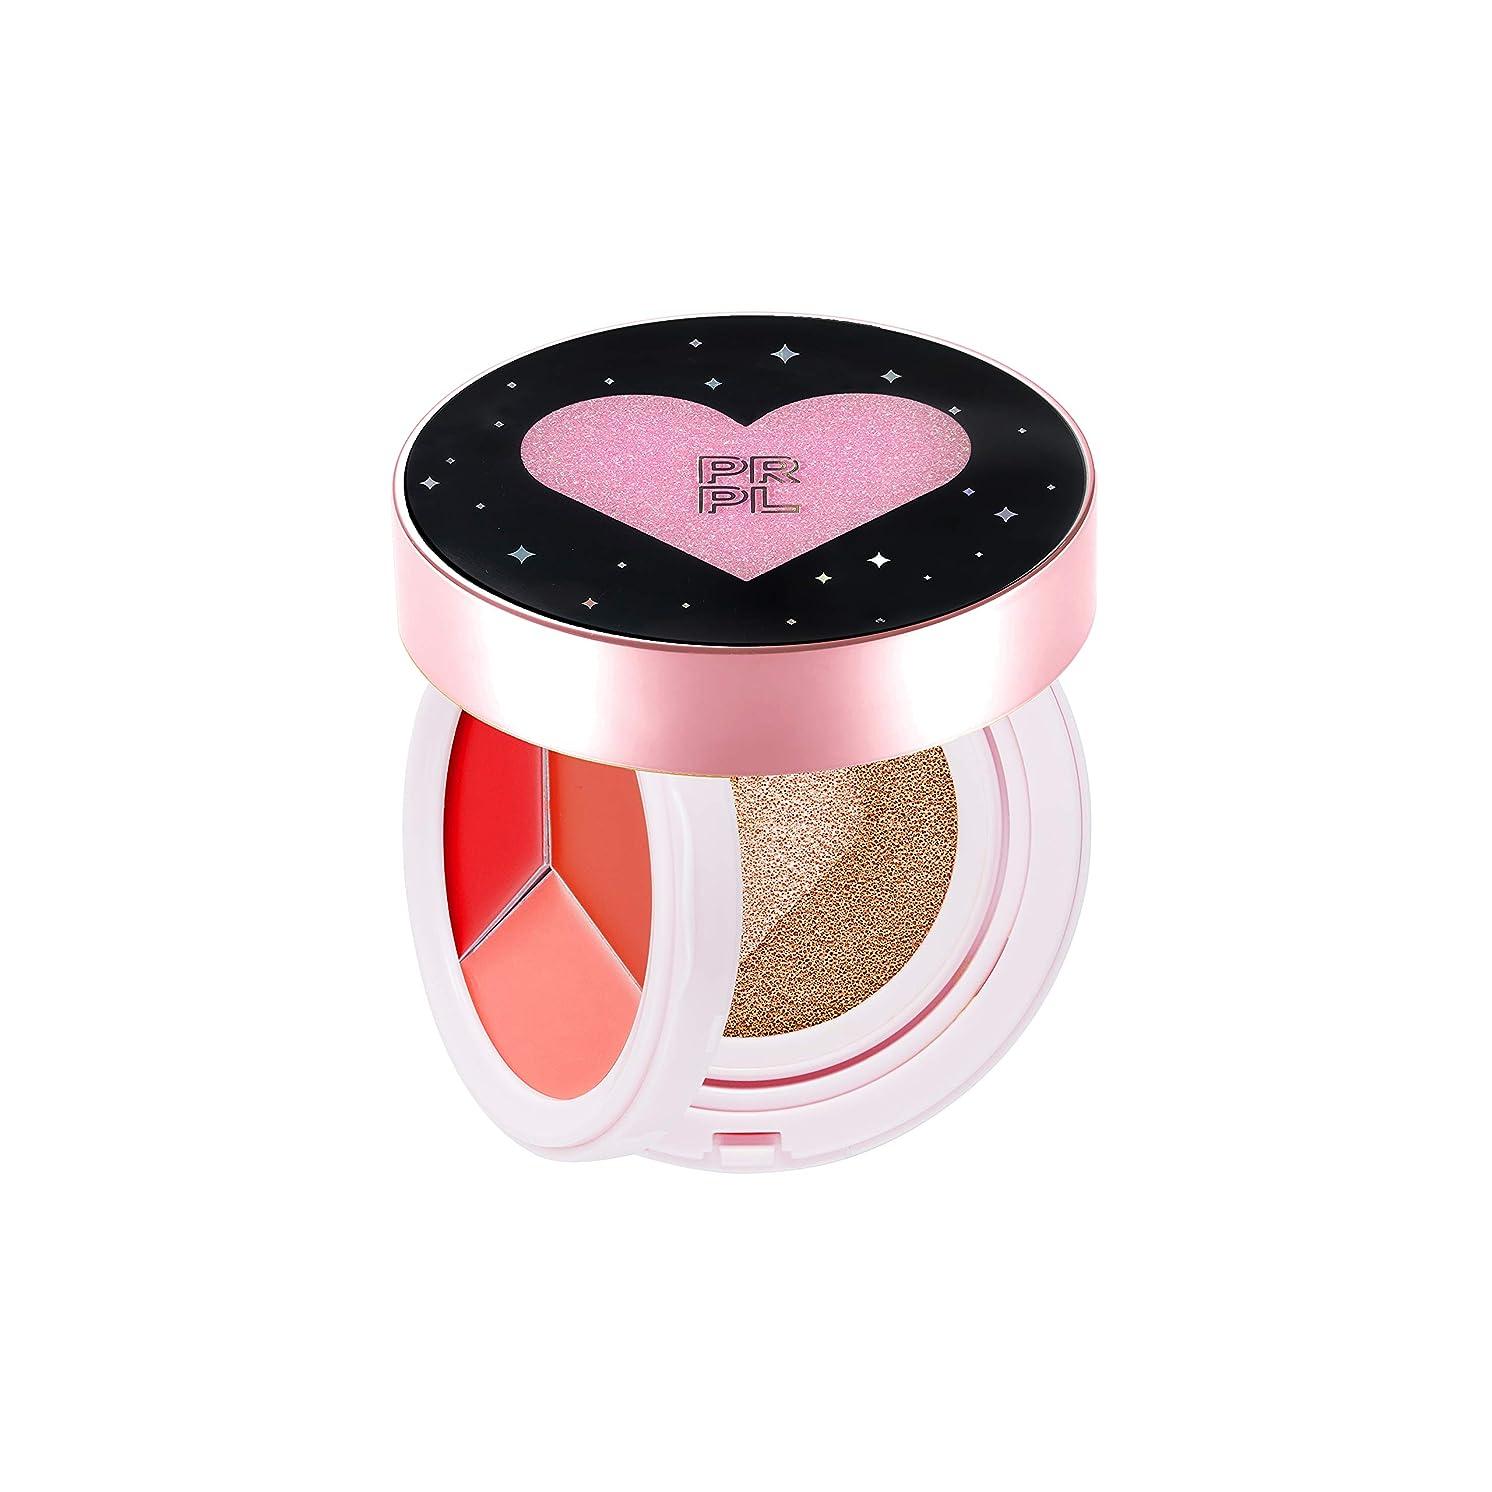 王朝捧げる教えてPRPL Kiss and Heart Double Cushion (Black Edition) #21 Pure Ivory - Korean Make-up, Cushion Foundation, Korean Beauty, Lip and Cheek, Dual Cushion